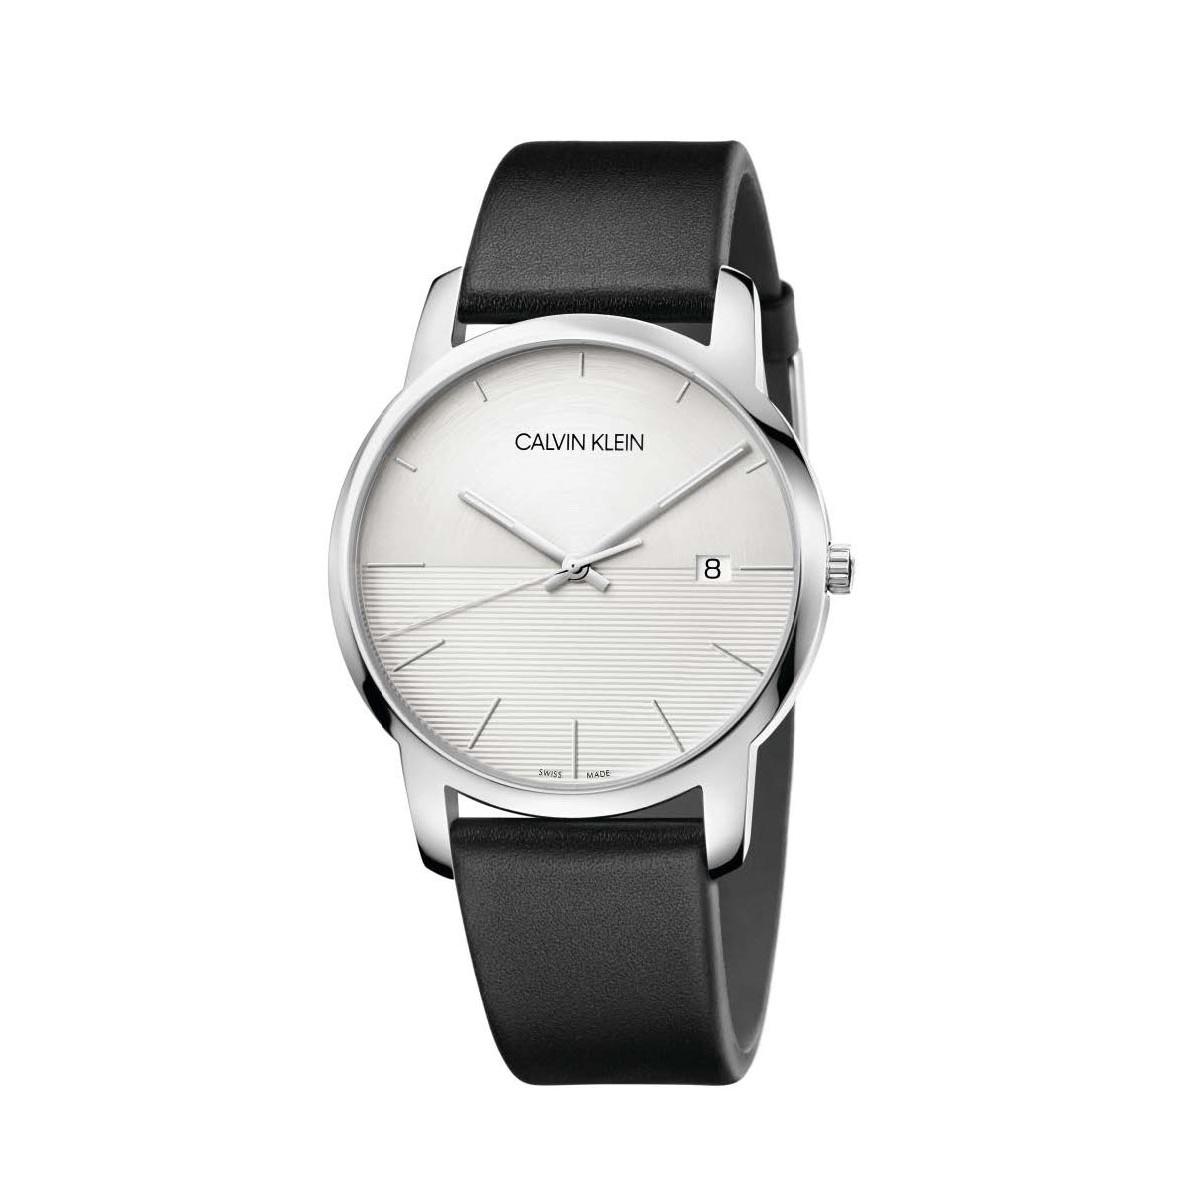 Đồng hồ Calvin Klein K2G2G1CD Nam 43mm, Quartz (Pin), Thép không gỉ